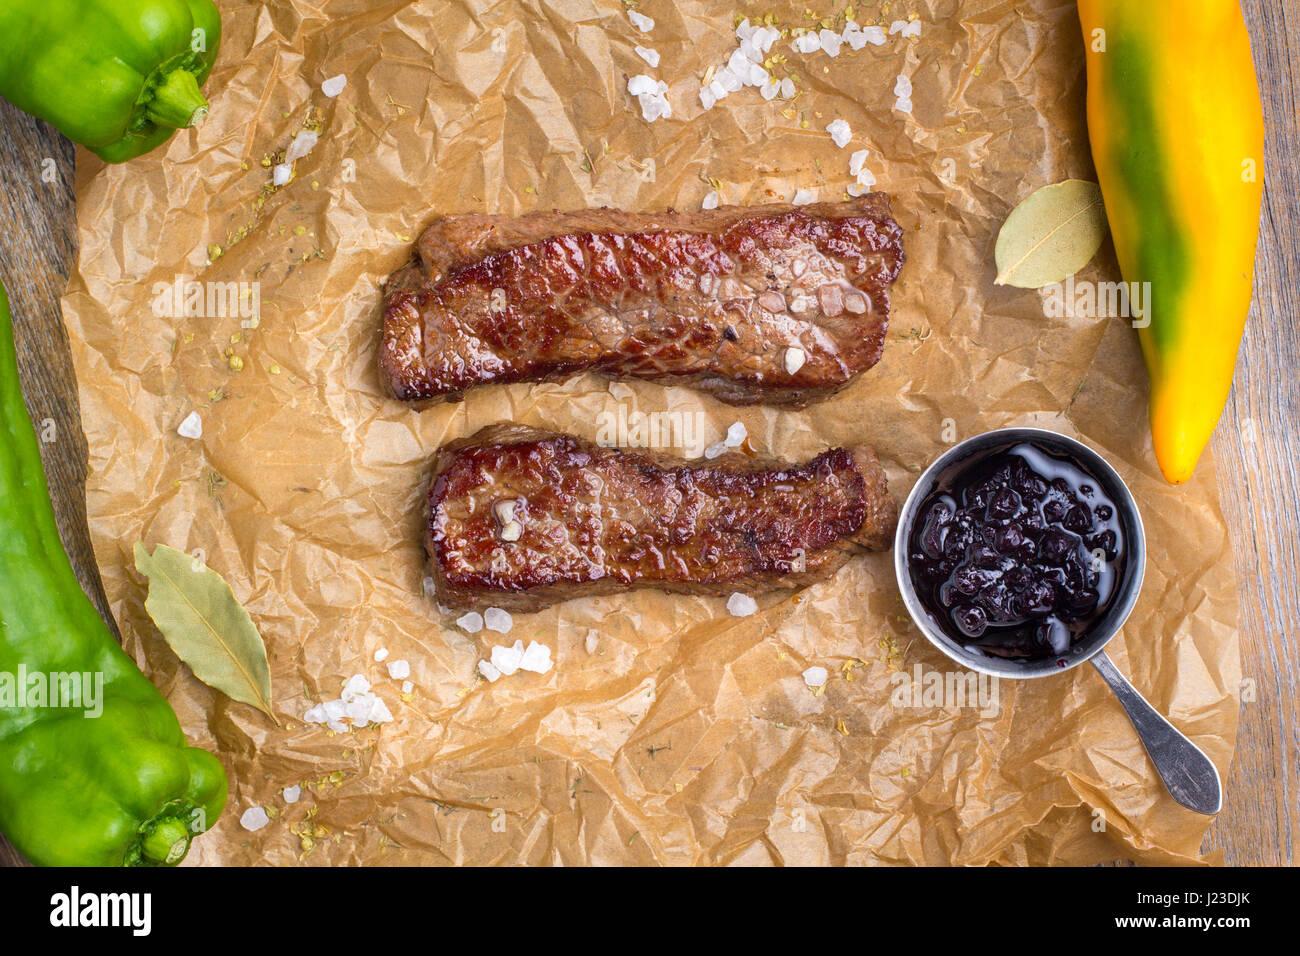 Still life - Pork steak. - Stock Image